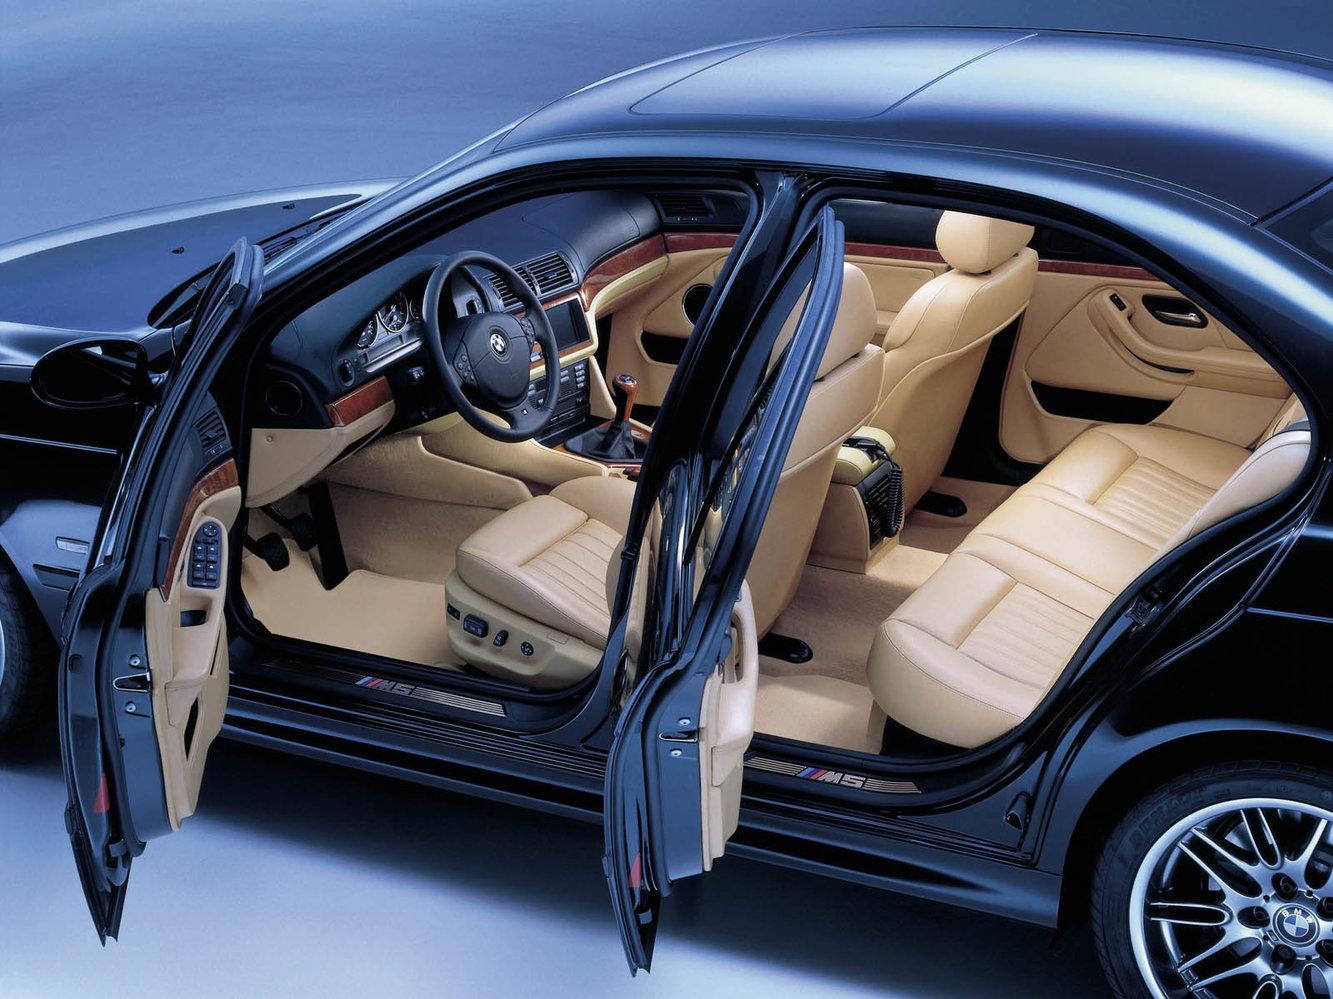 BMW-M5-E39-009.jpg